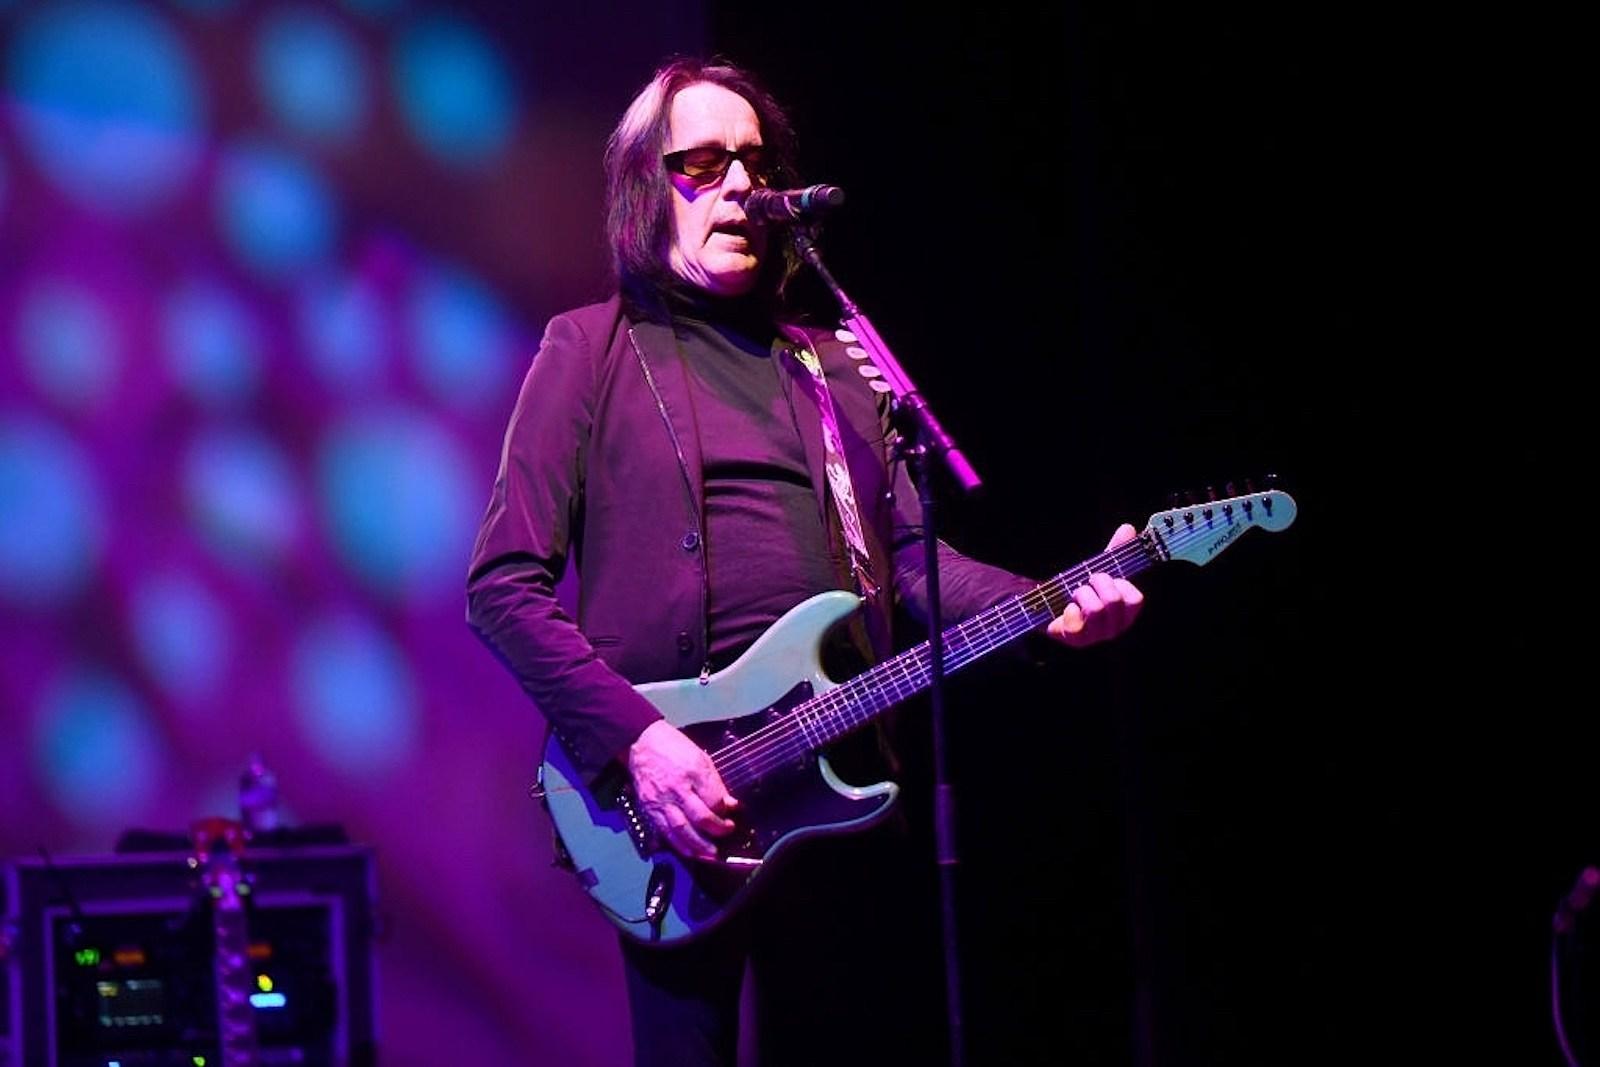 Todd Rundgren Announces Upcoming U.S. Tour